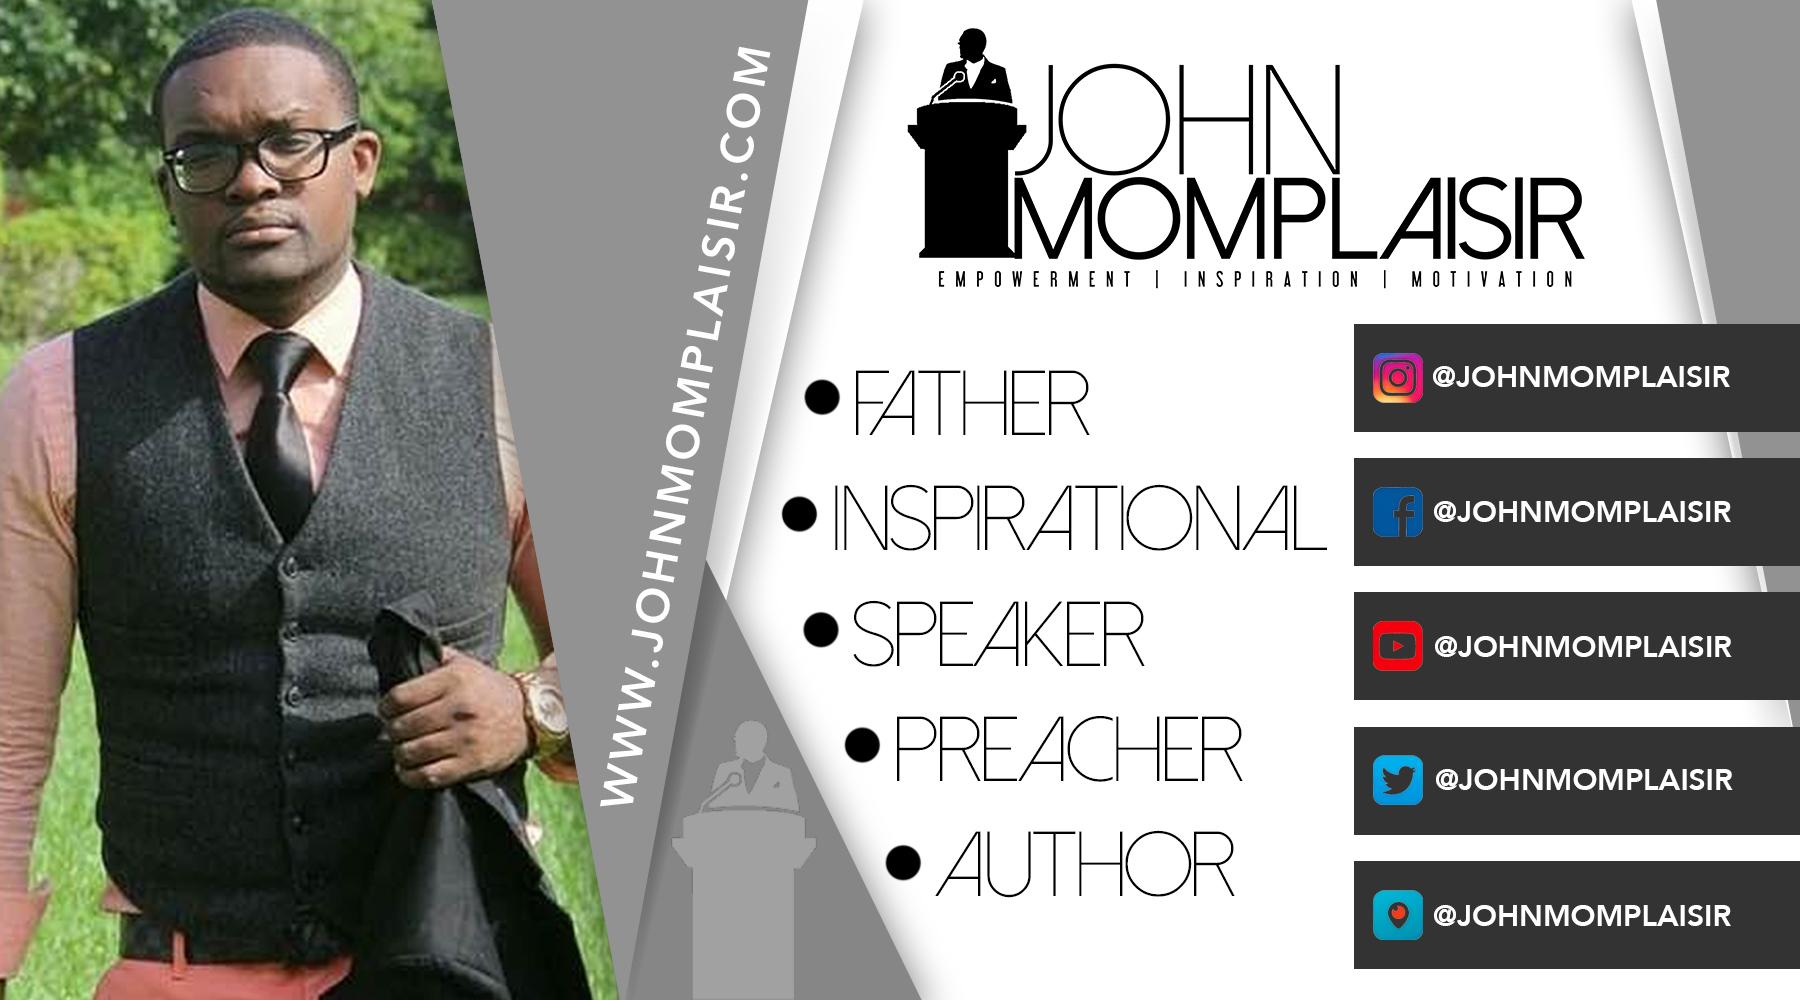 JOHN MOMPLAISIR WEB BANNER2